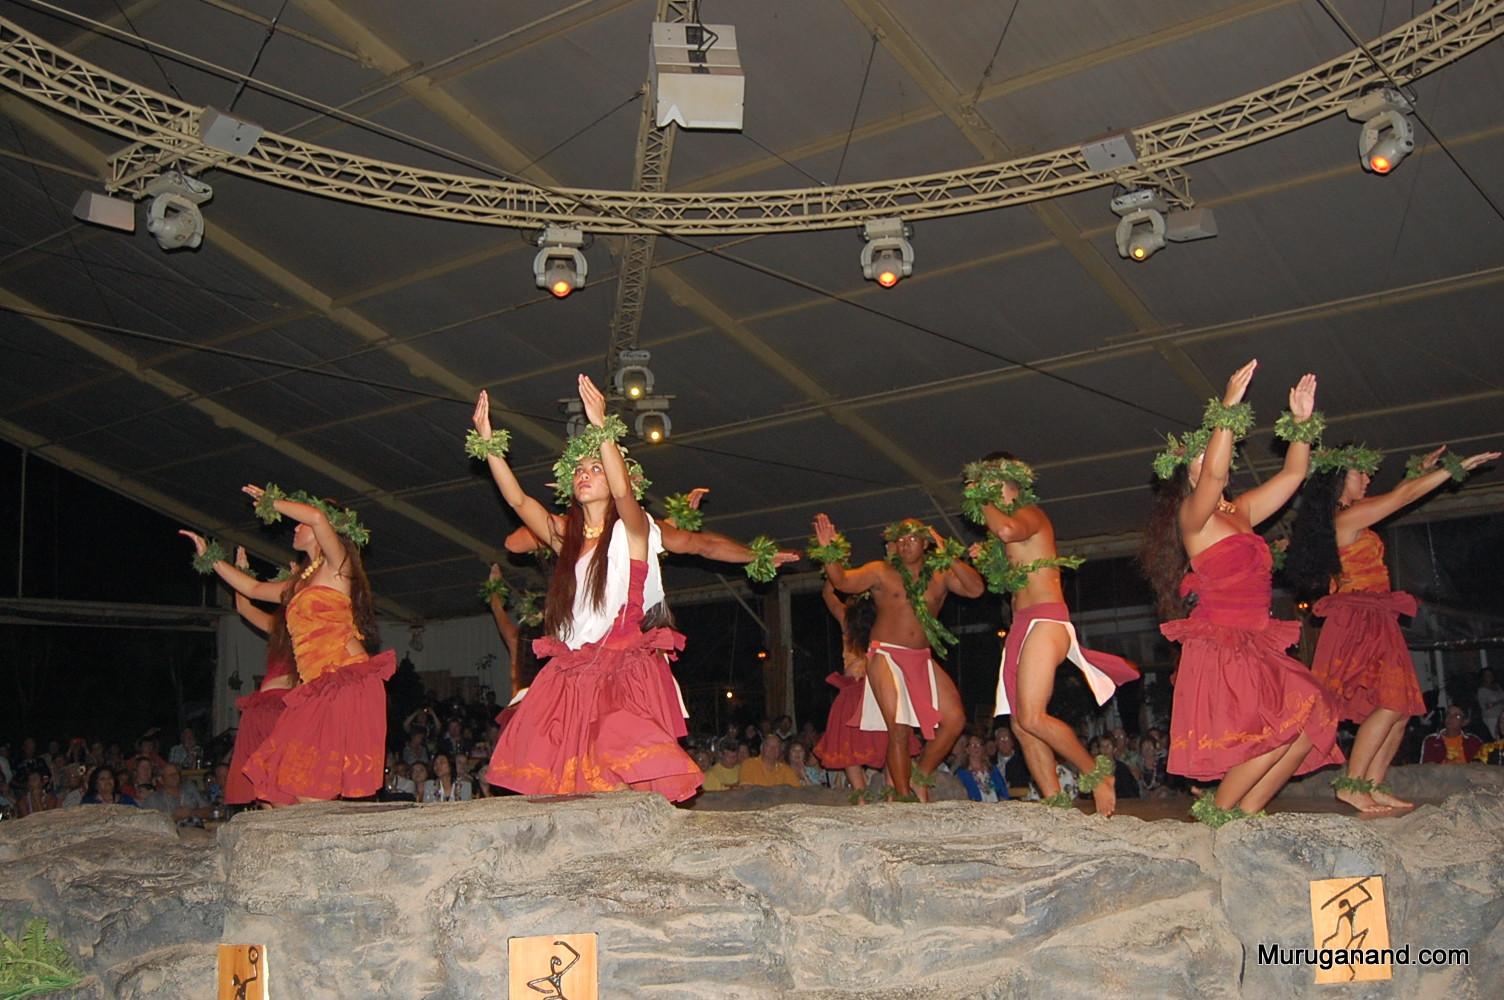 Luau Performance (Kauai)